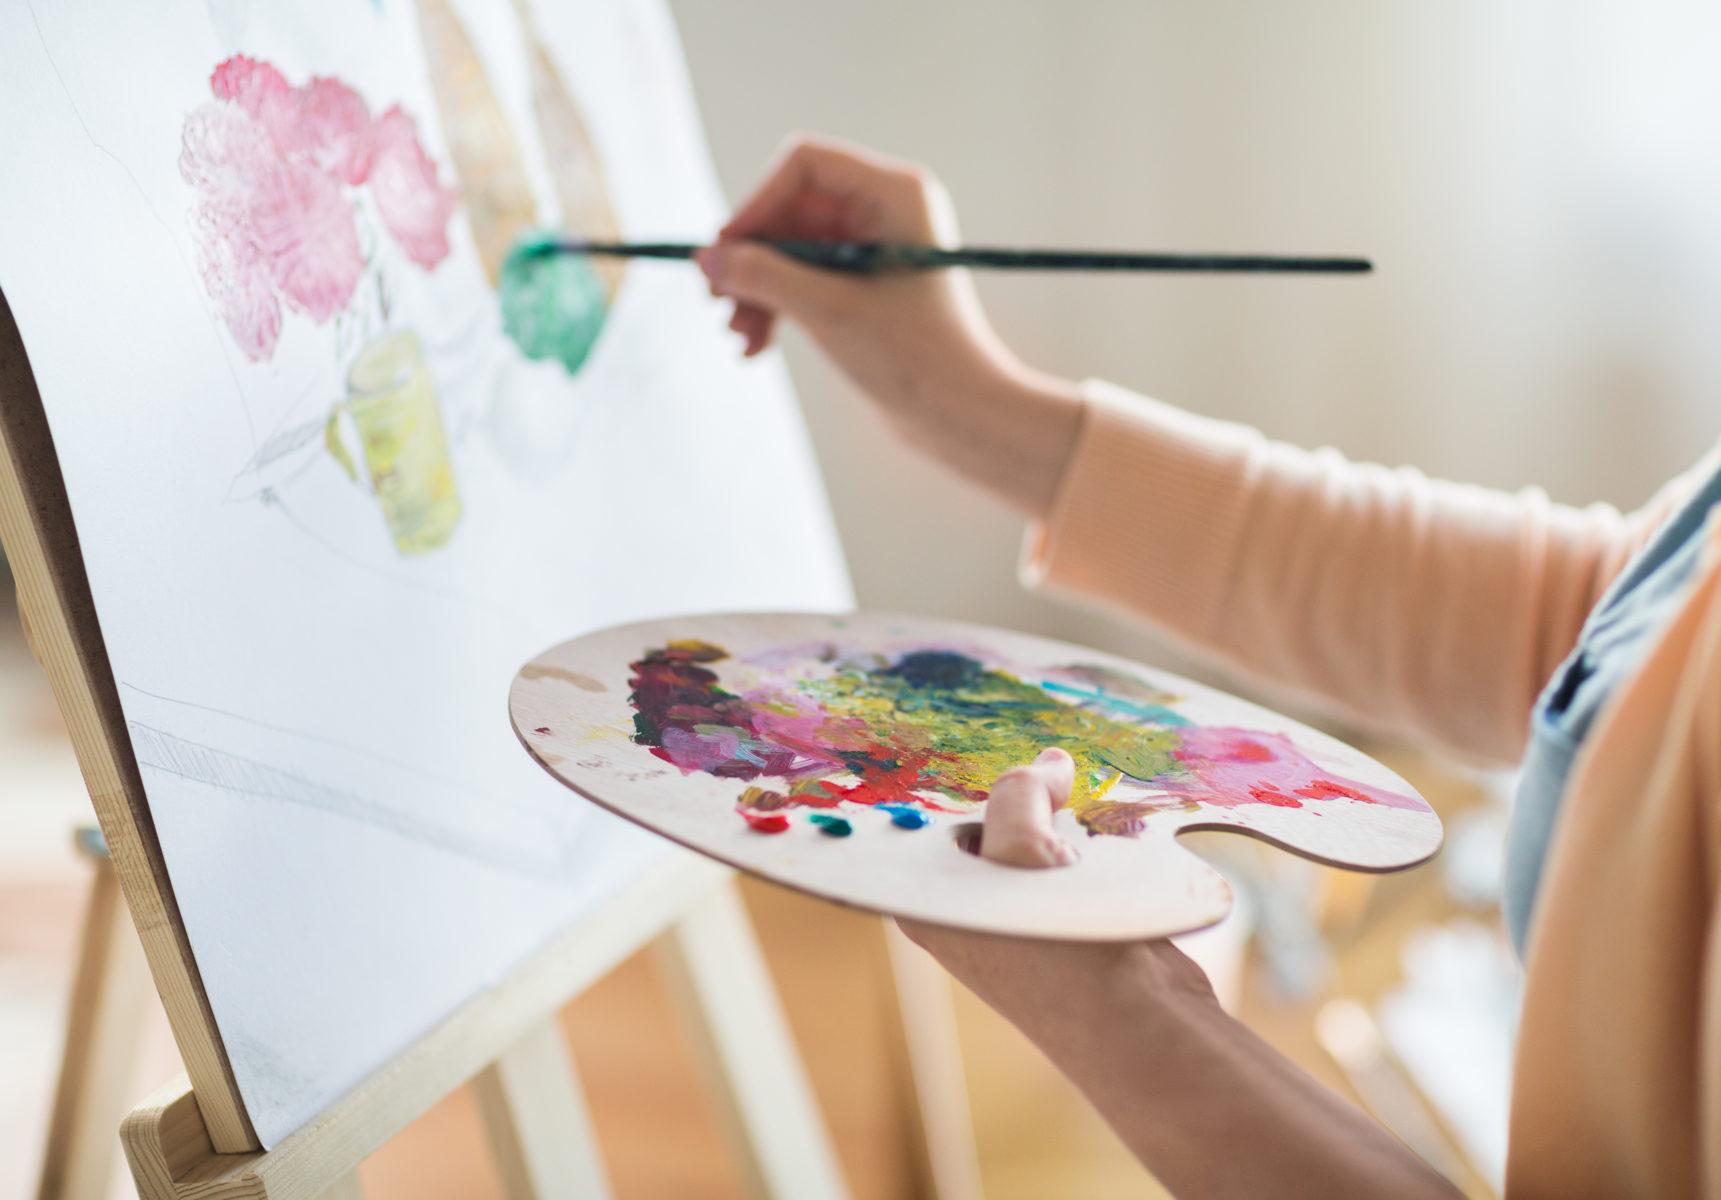 Мастер-класс по акварельному рисунку в ДК «Стимул» – события на сайте «Московские Сезоны»